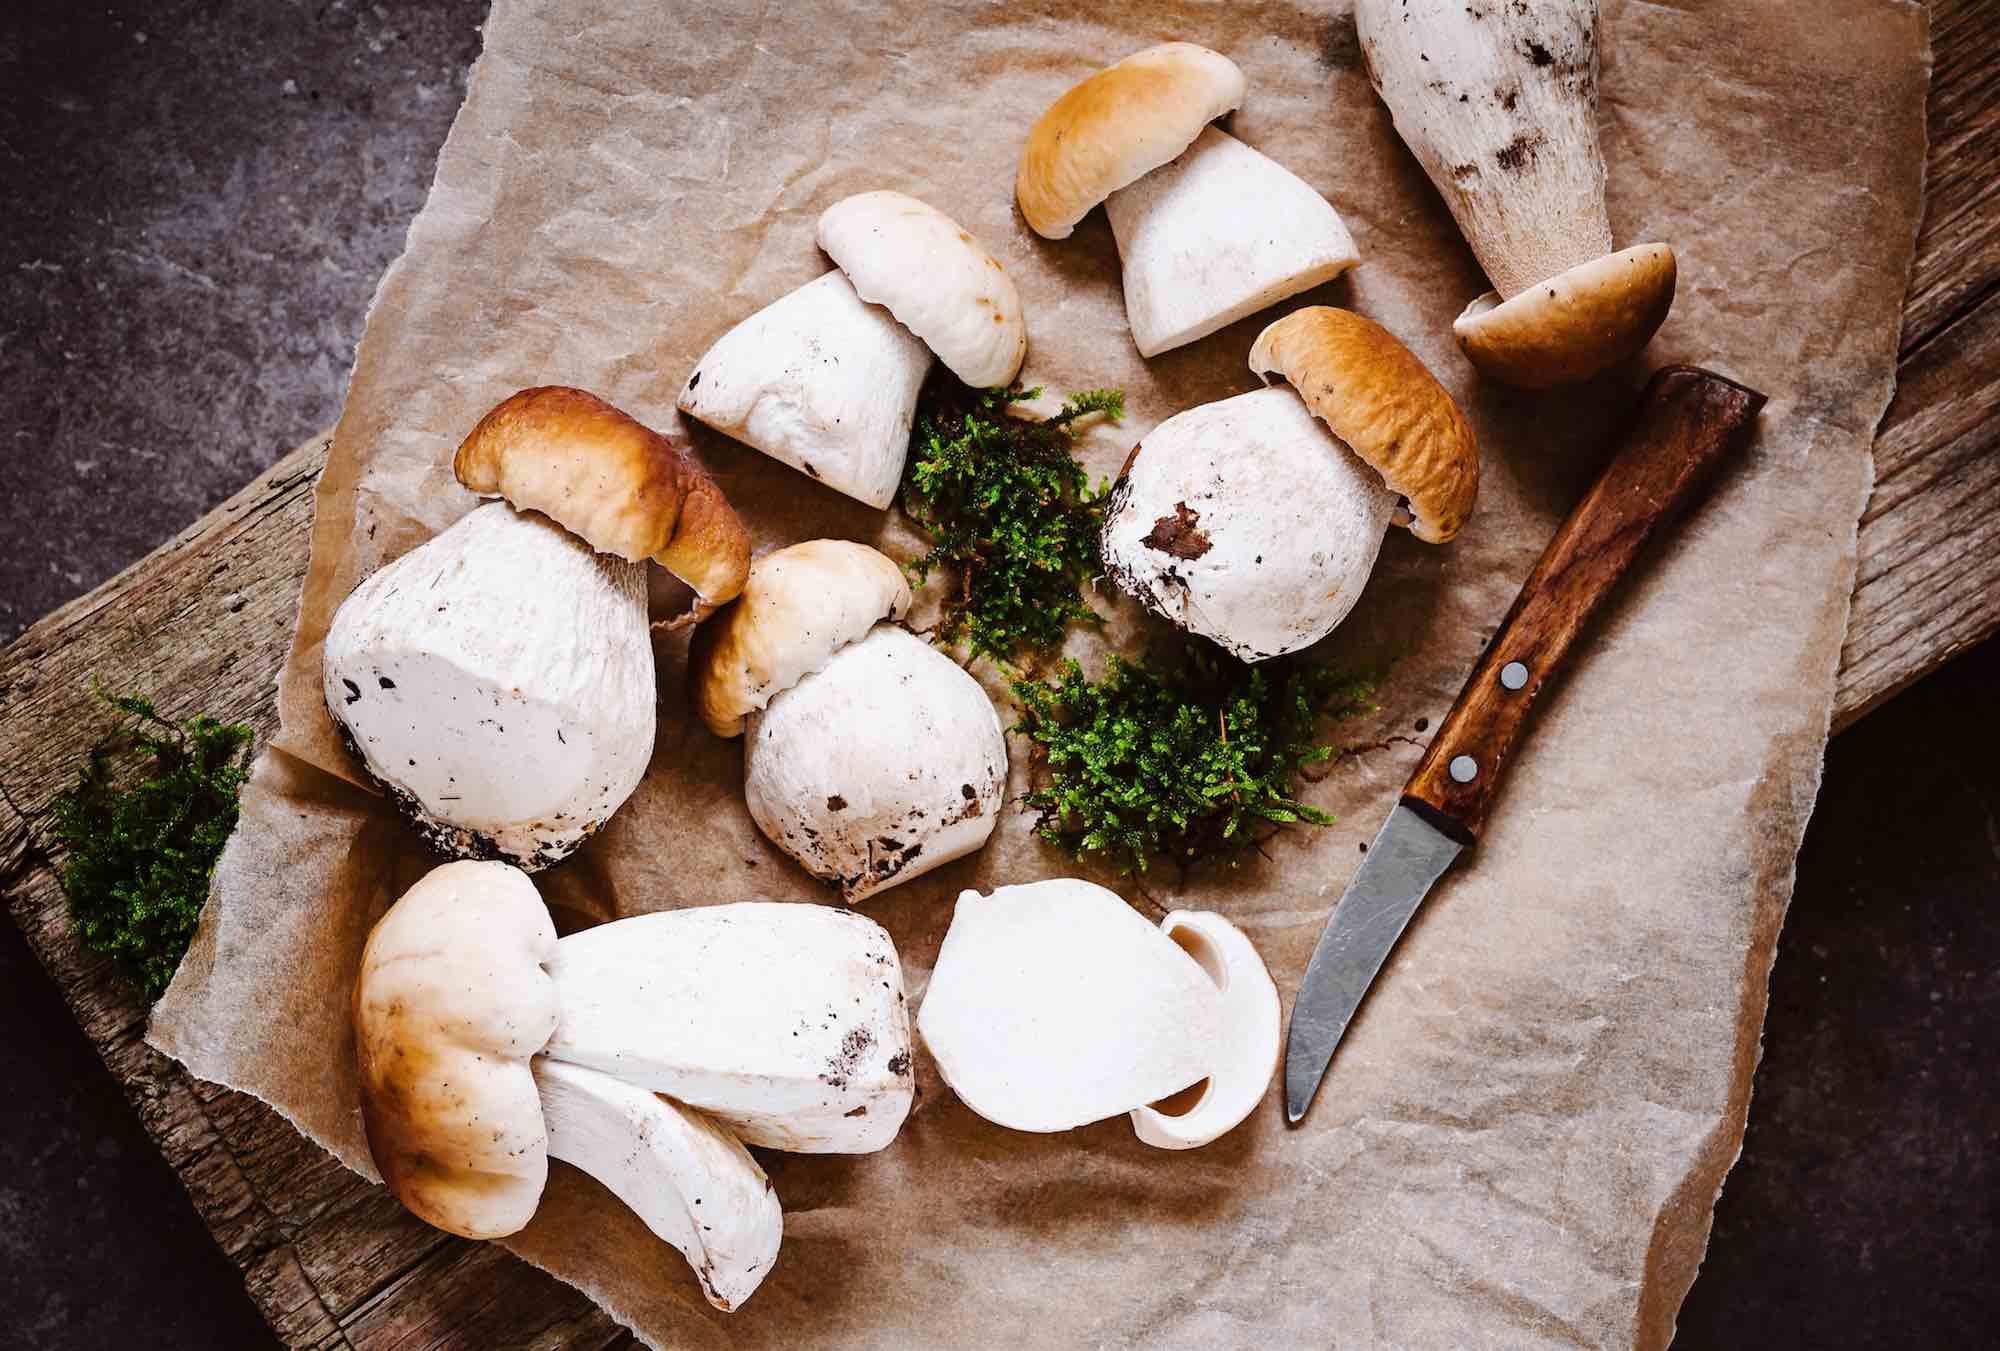 Funghi porcini su vassoio con coltello: la preparazione per ricette toscane coni i funghi